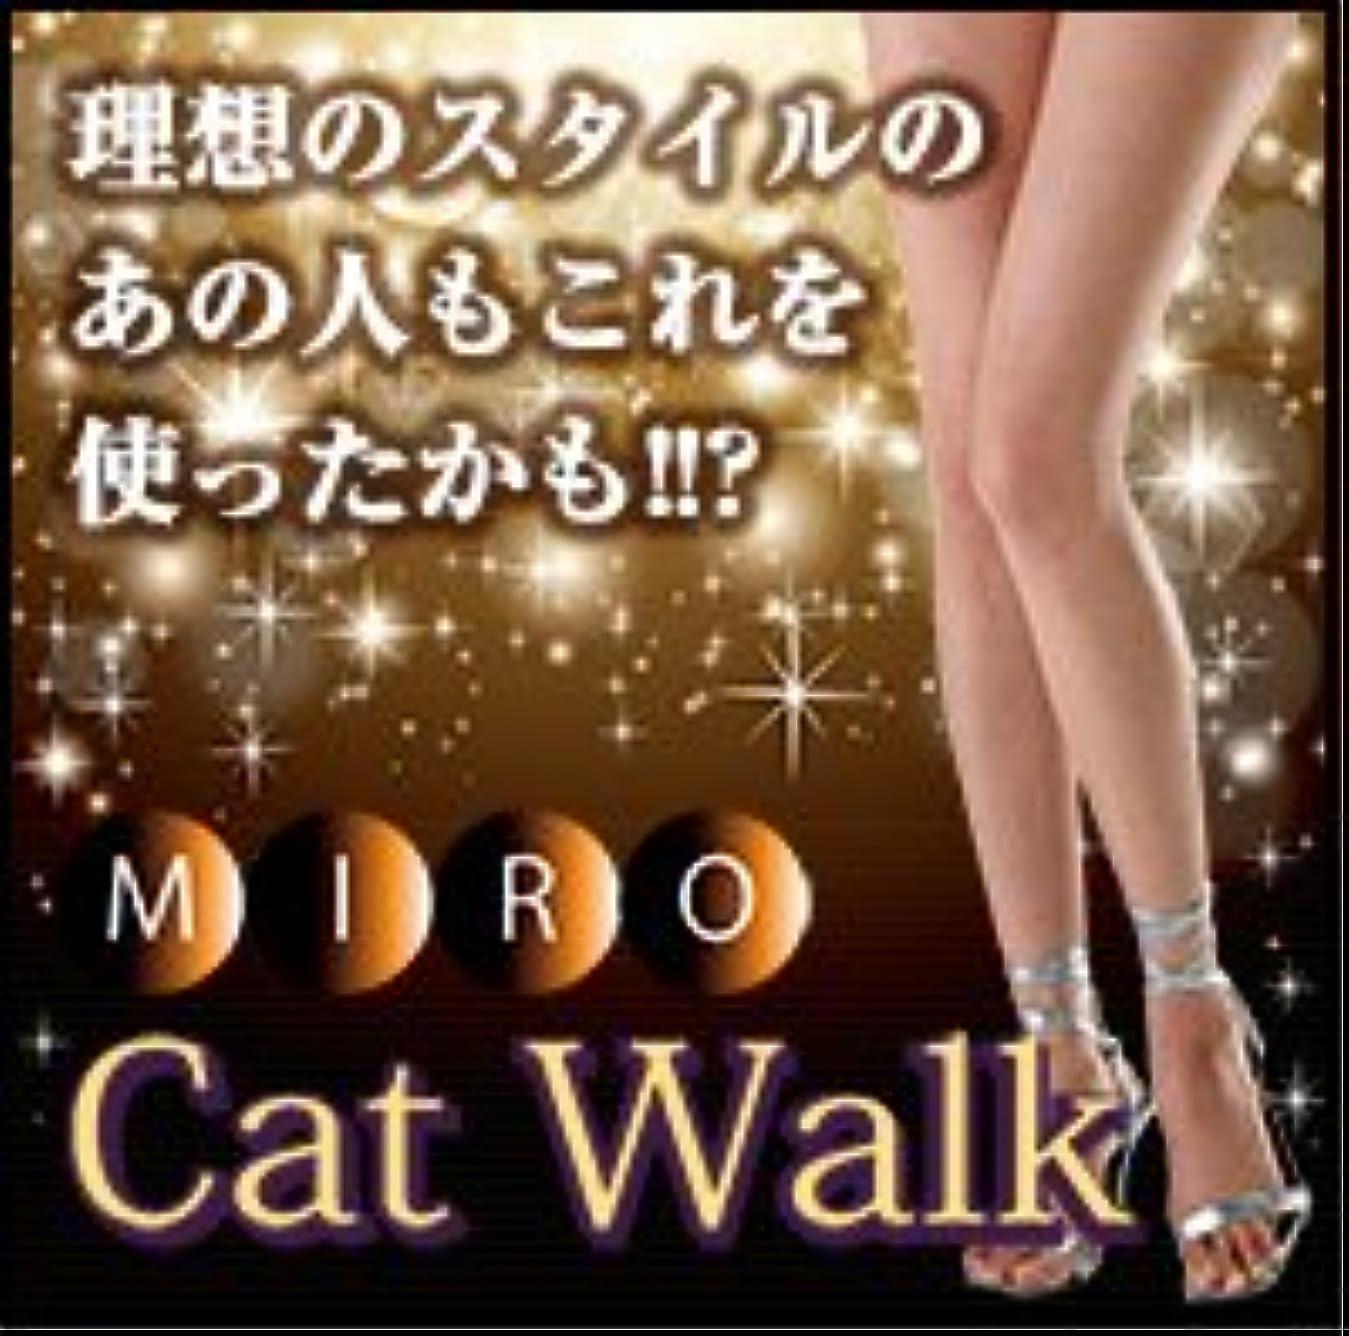 酸瞑想する二層MIRO CAT Walk(ミロ キャットウォーク)/理想のスタイルのあの人もこれを使ったかも!?【CC】